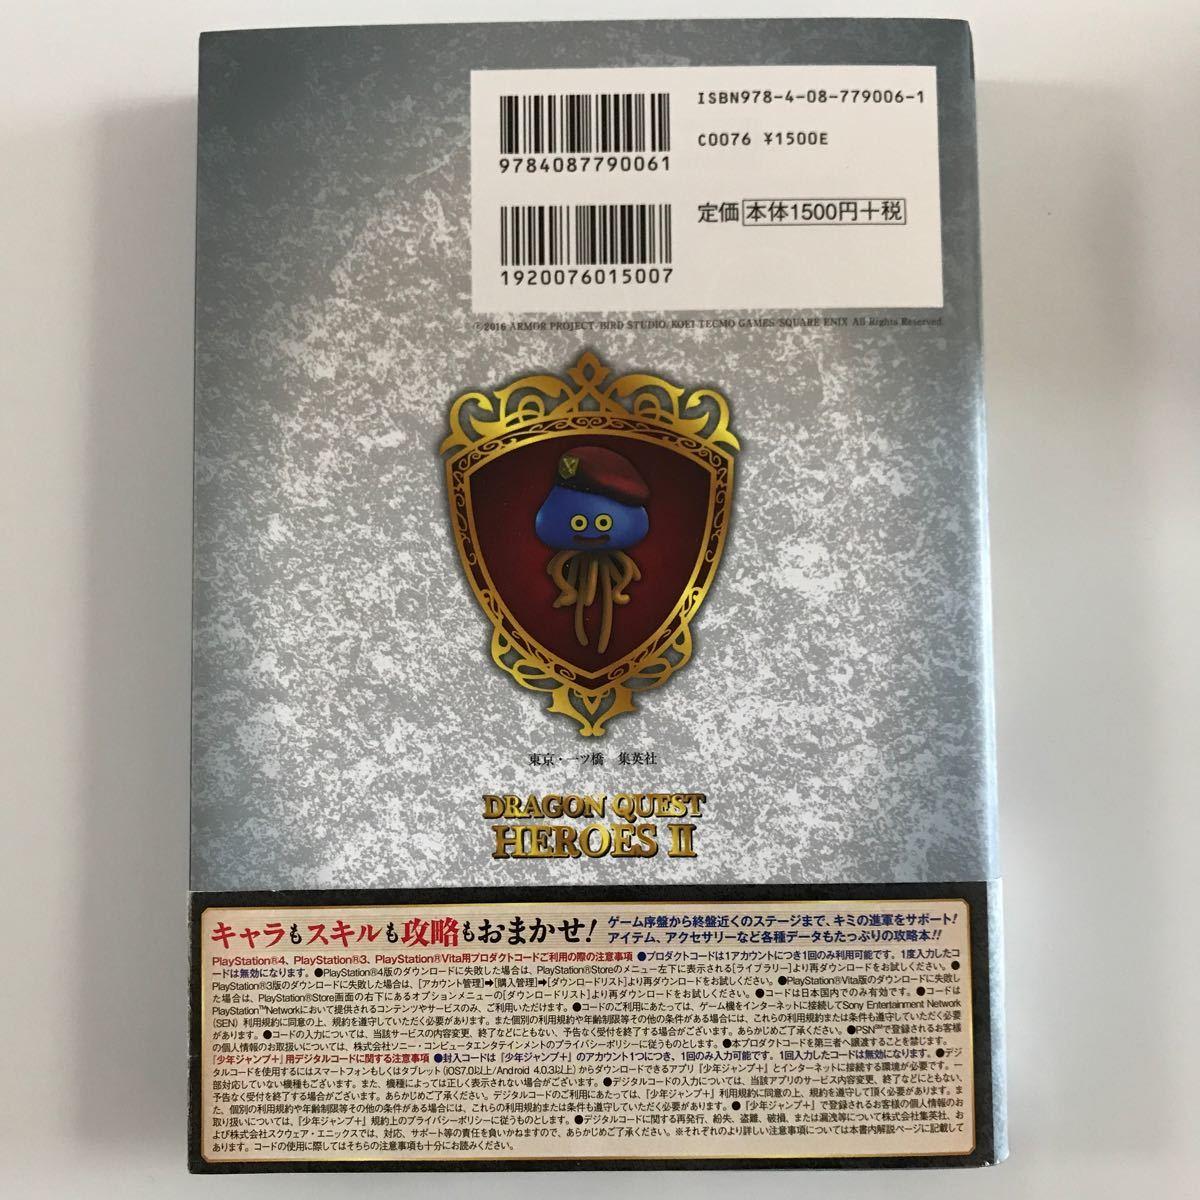 ドラゴンクエストヒーローズII 双子の王と予言の終わり 公式ガイドブック (書籍) [スクウェアエニックス]